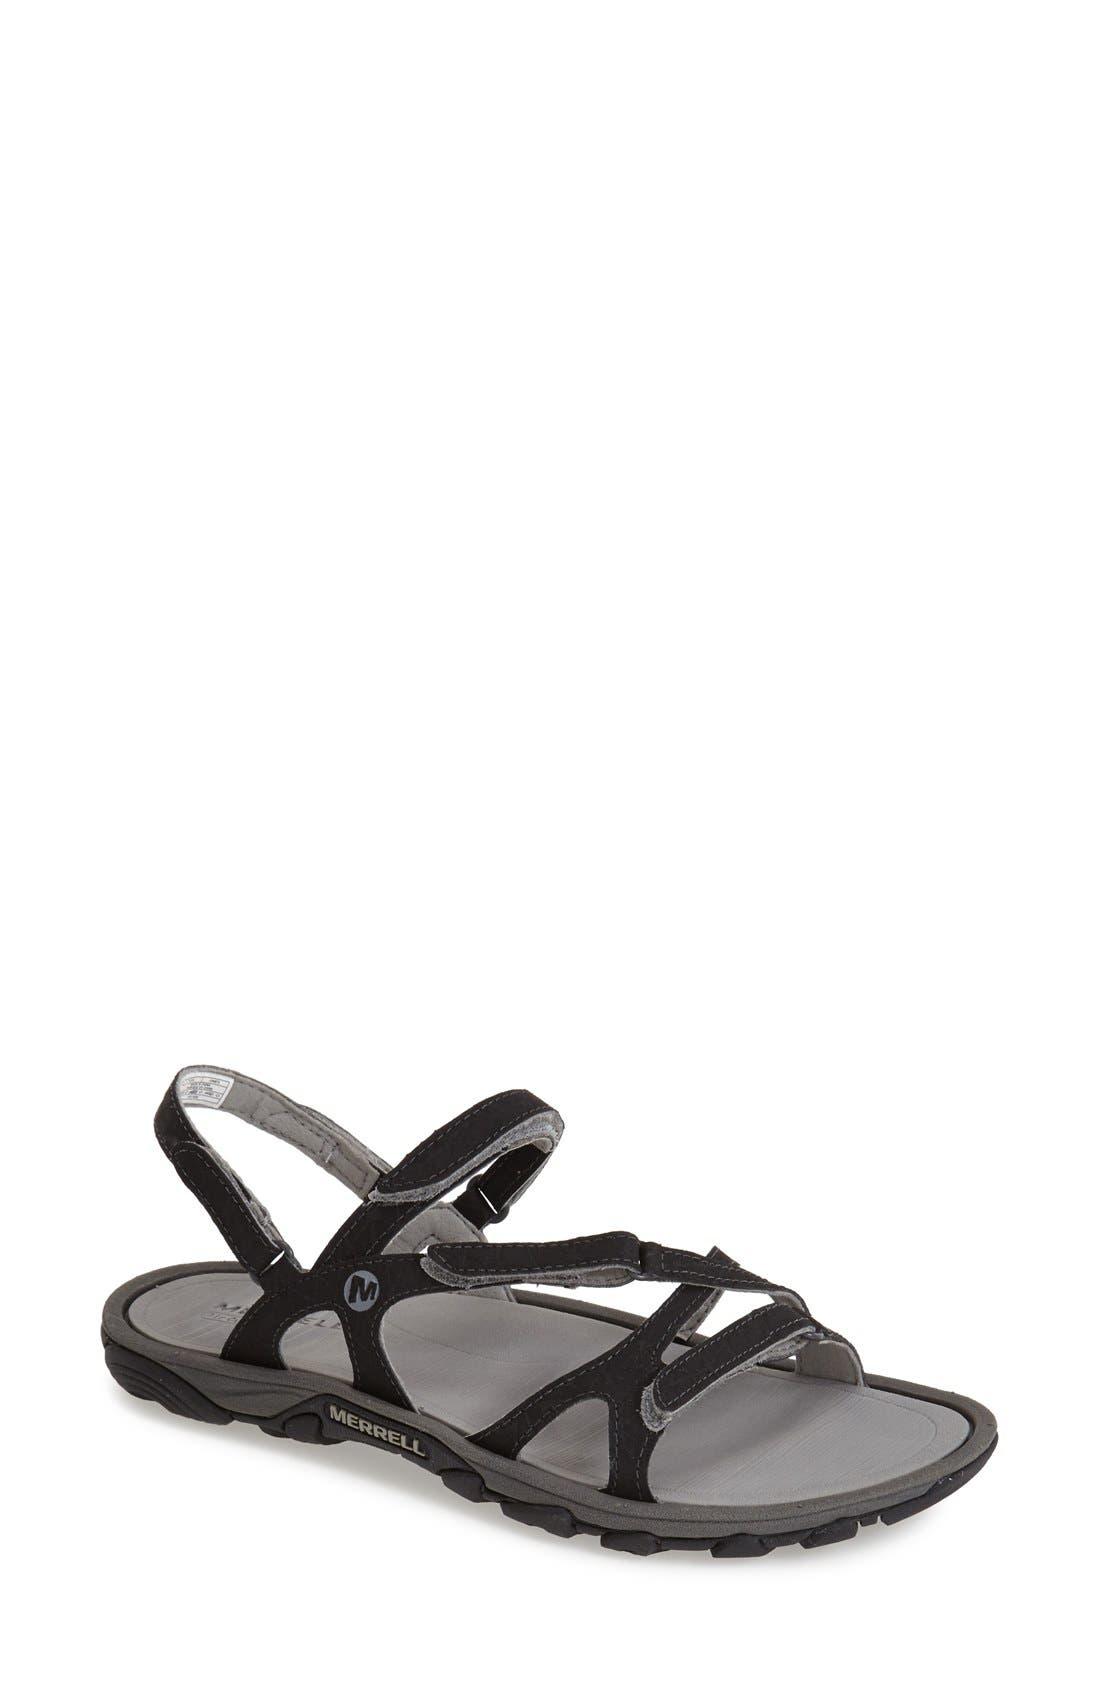 'Enoki' Water-Resistant Sandal,                             Main thumbnail 1, color,                             001